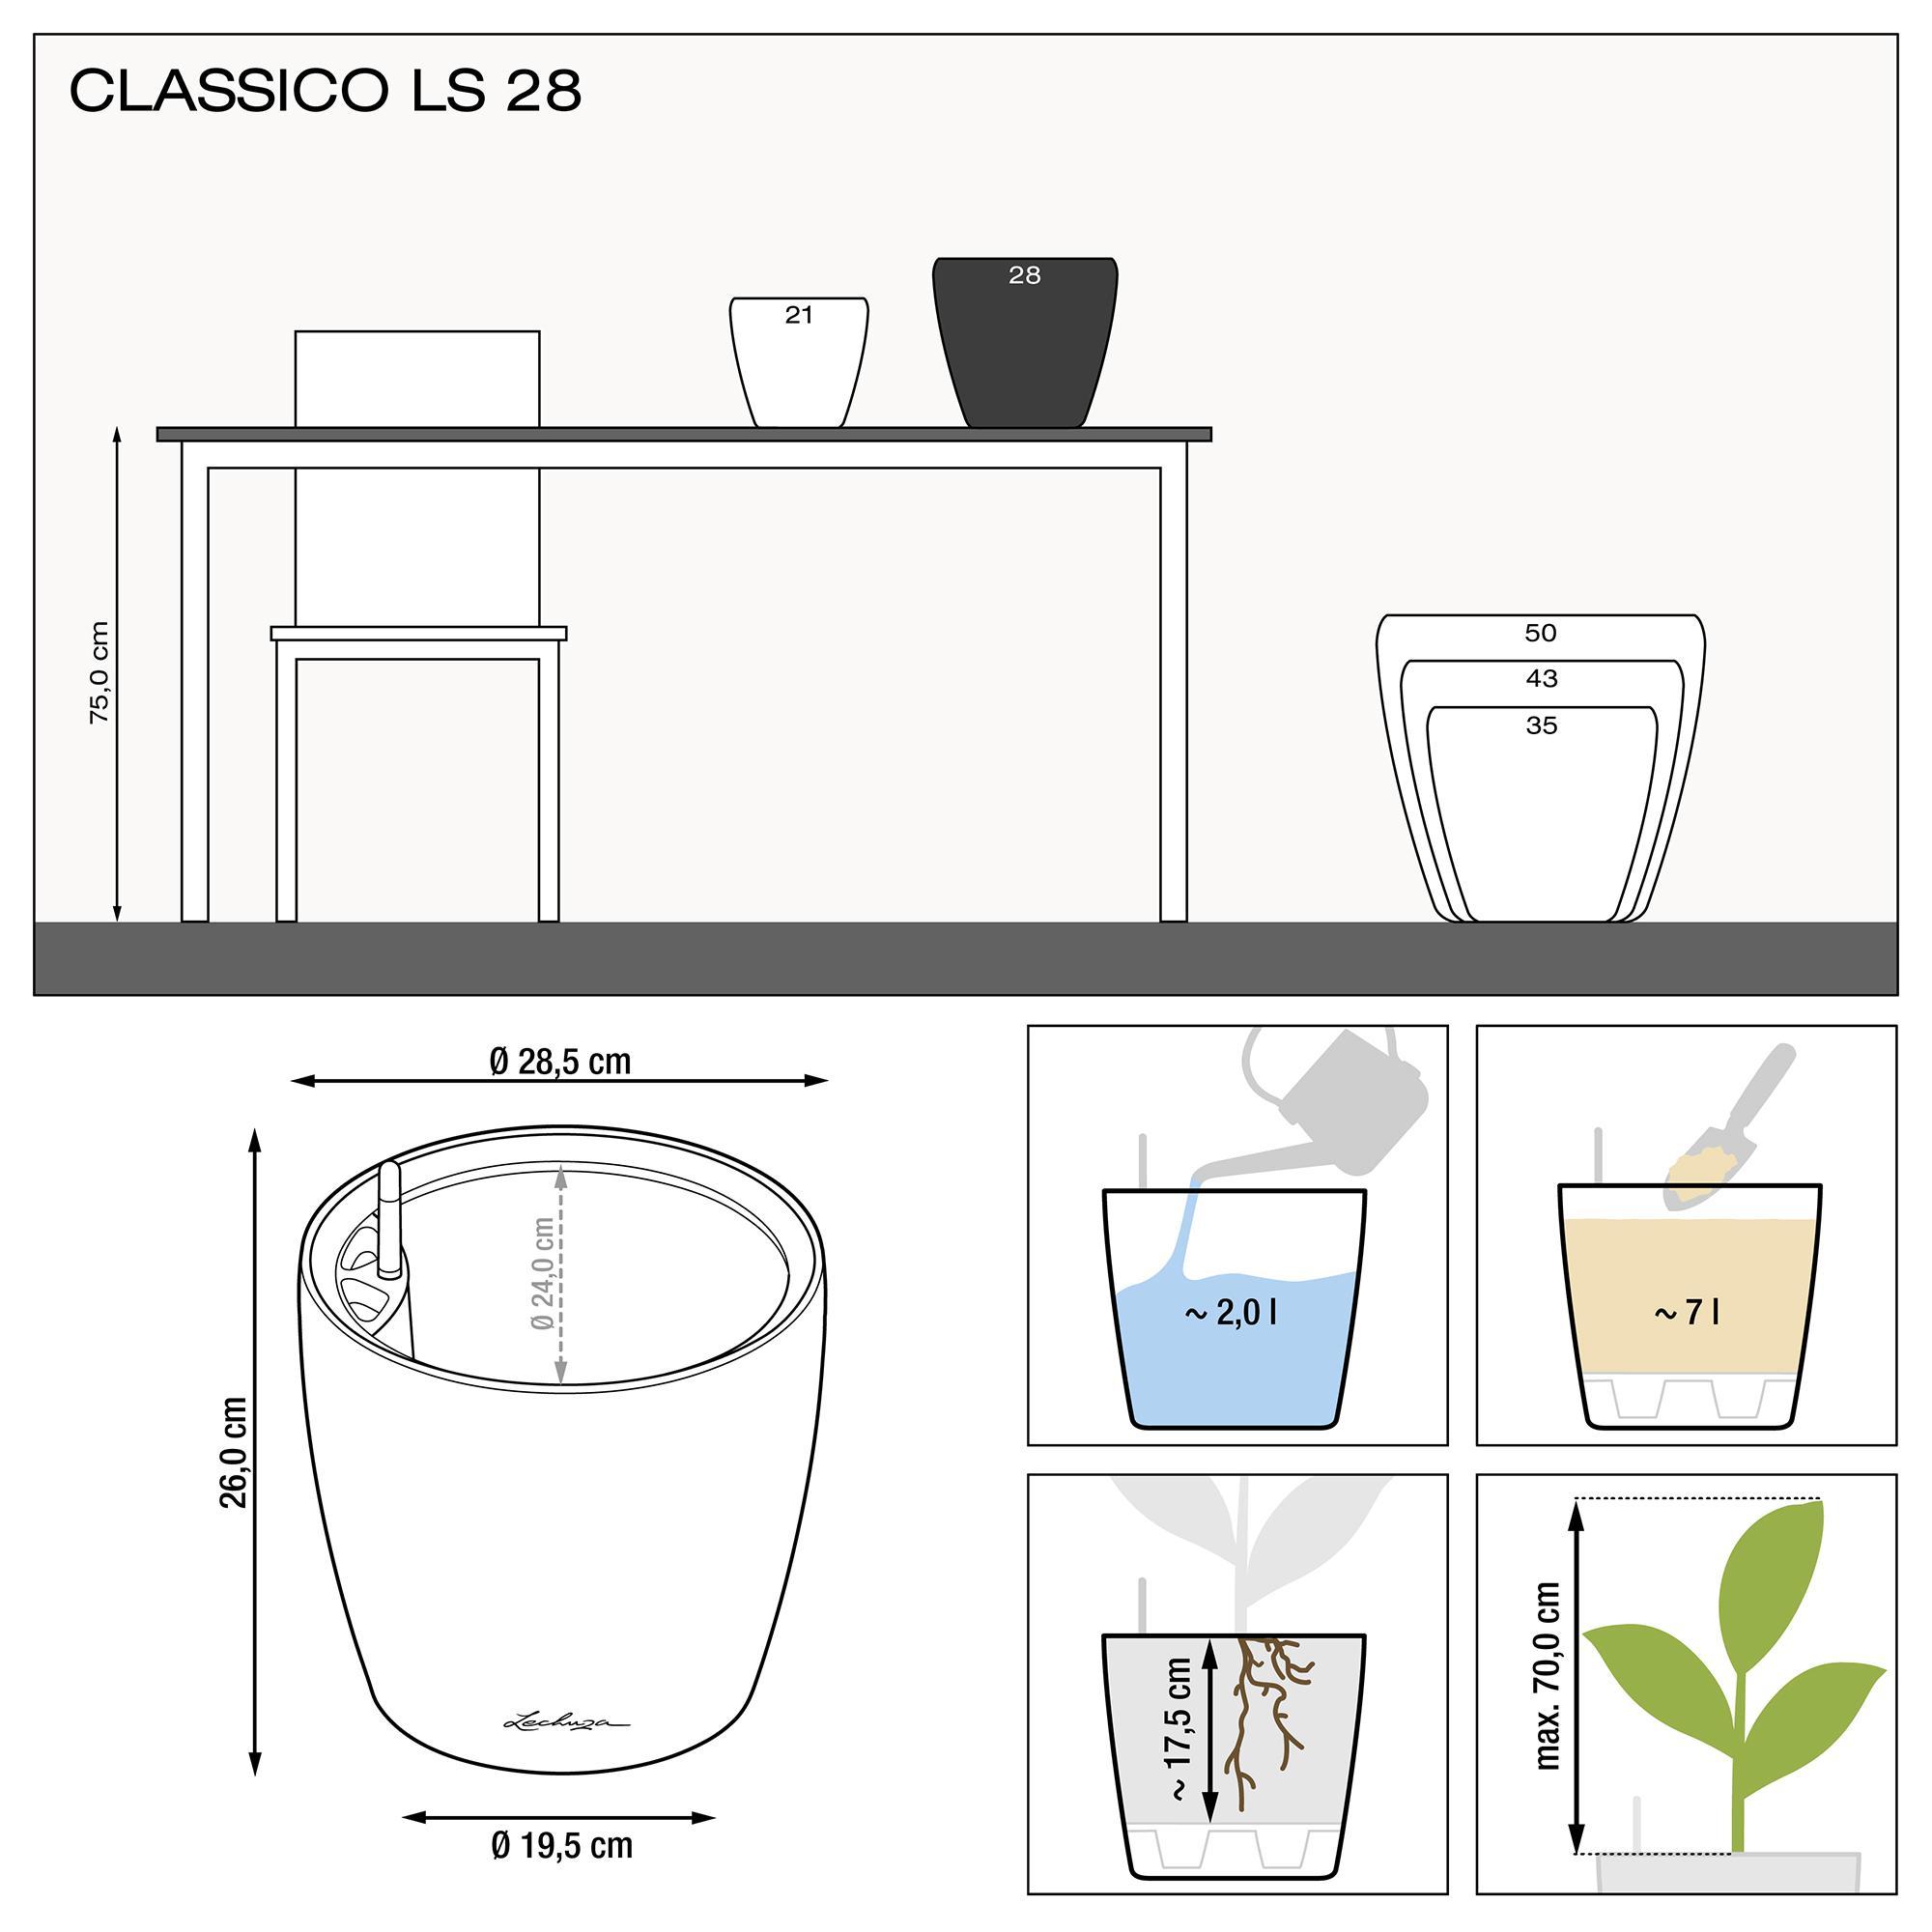 CLASSICO LS 28 Белый блестящий - изображение 3